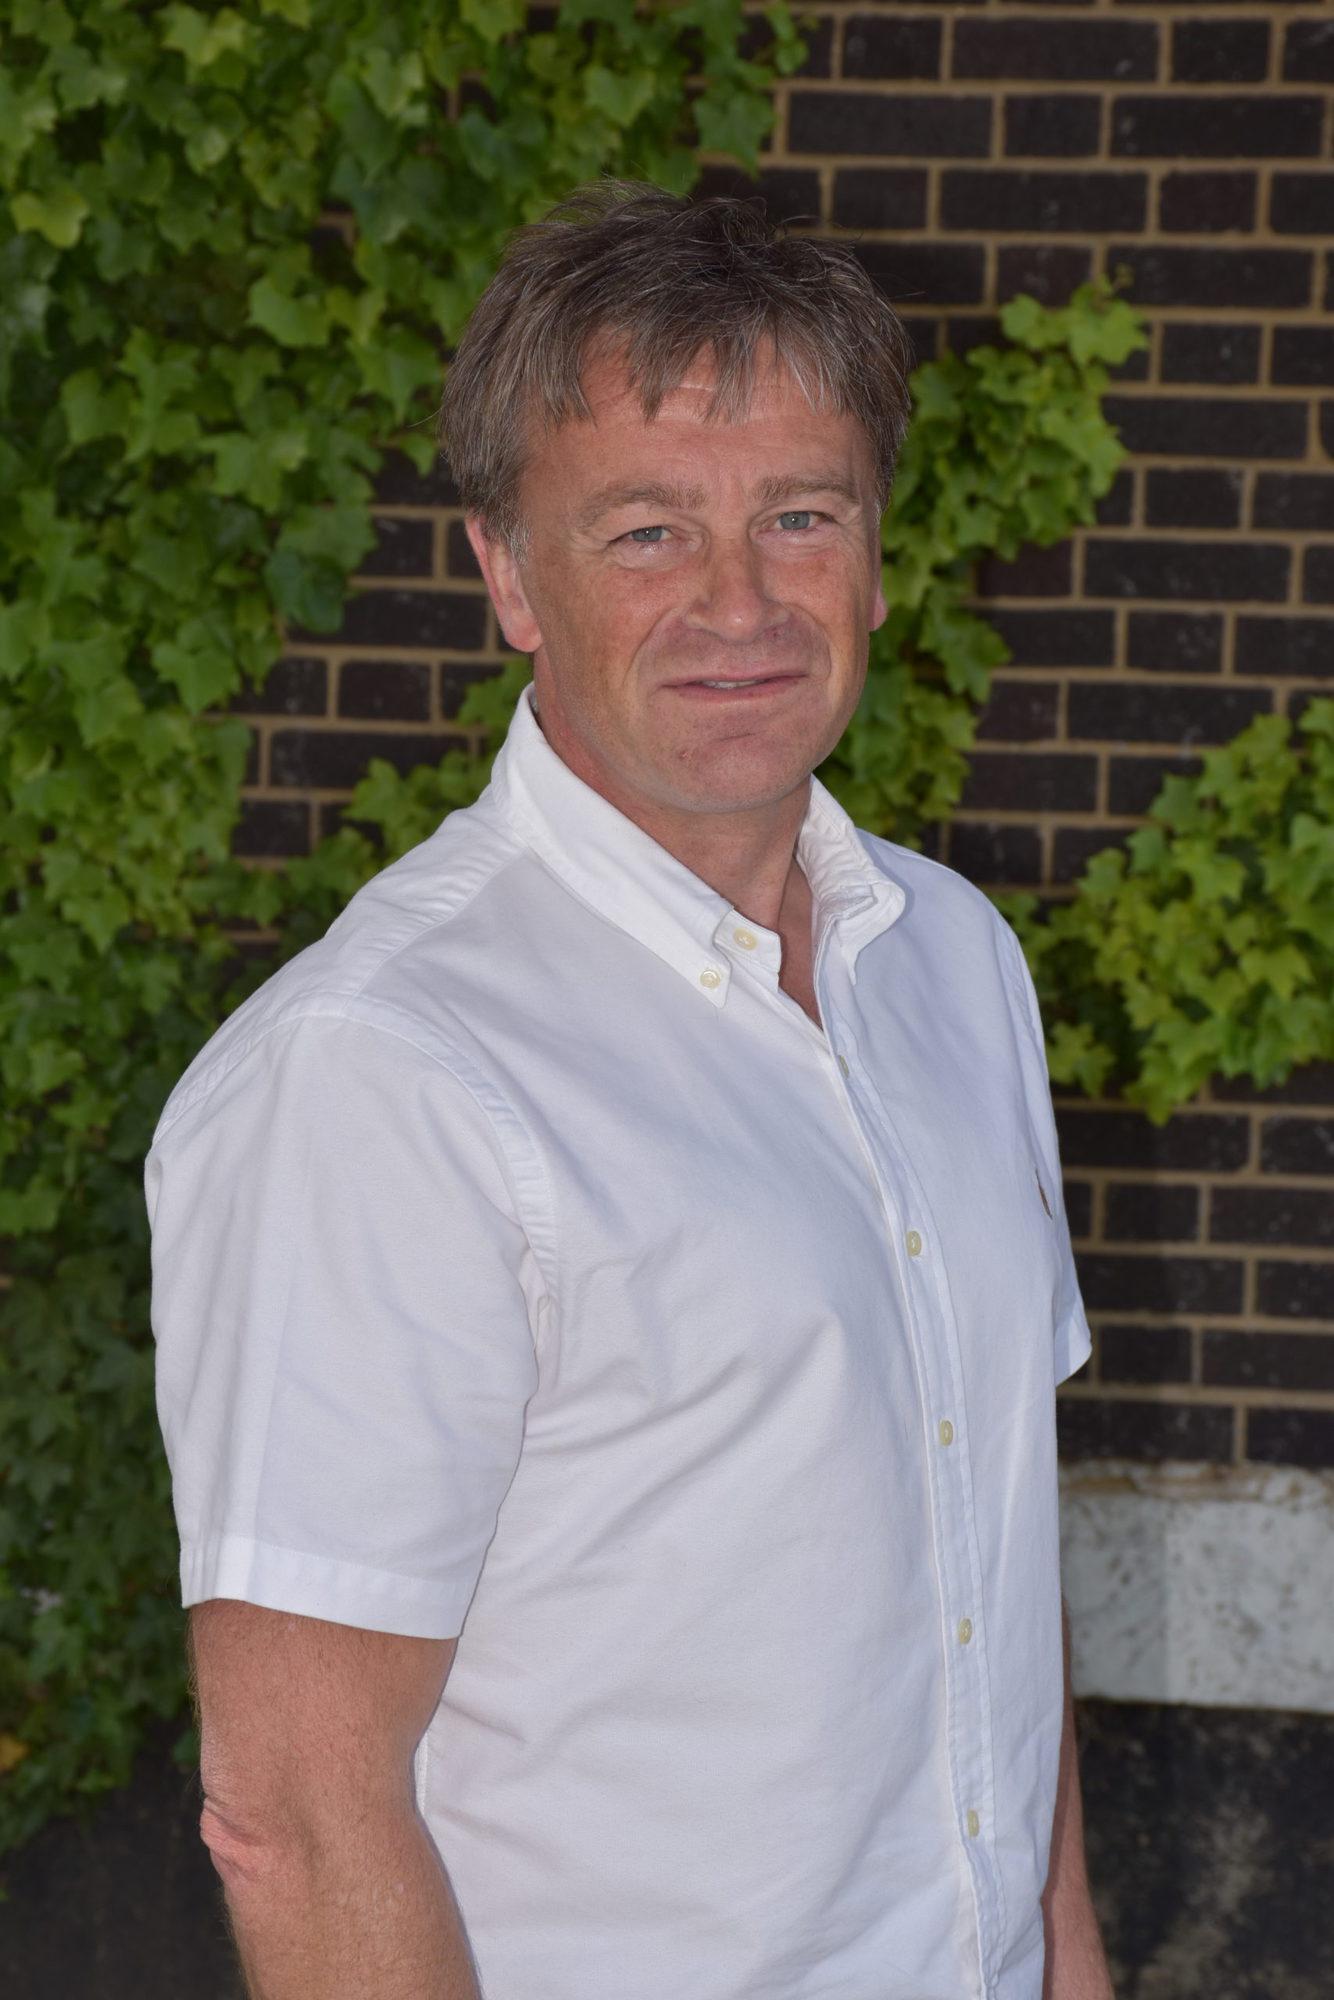 Saul Humphrey - Chair of Curriculum Development